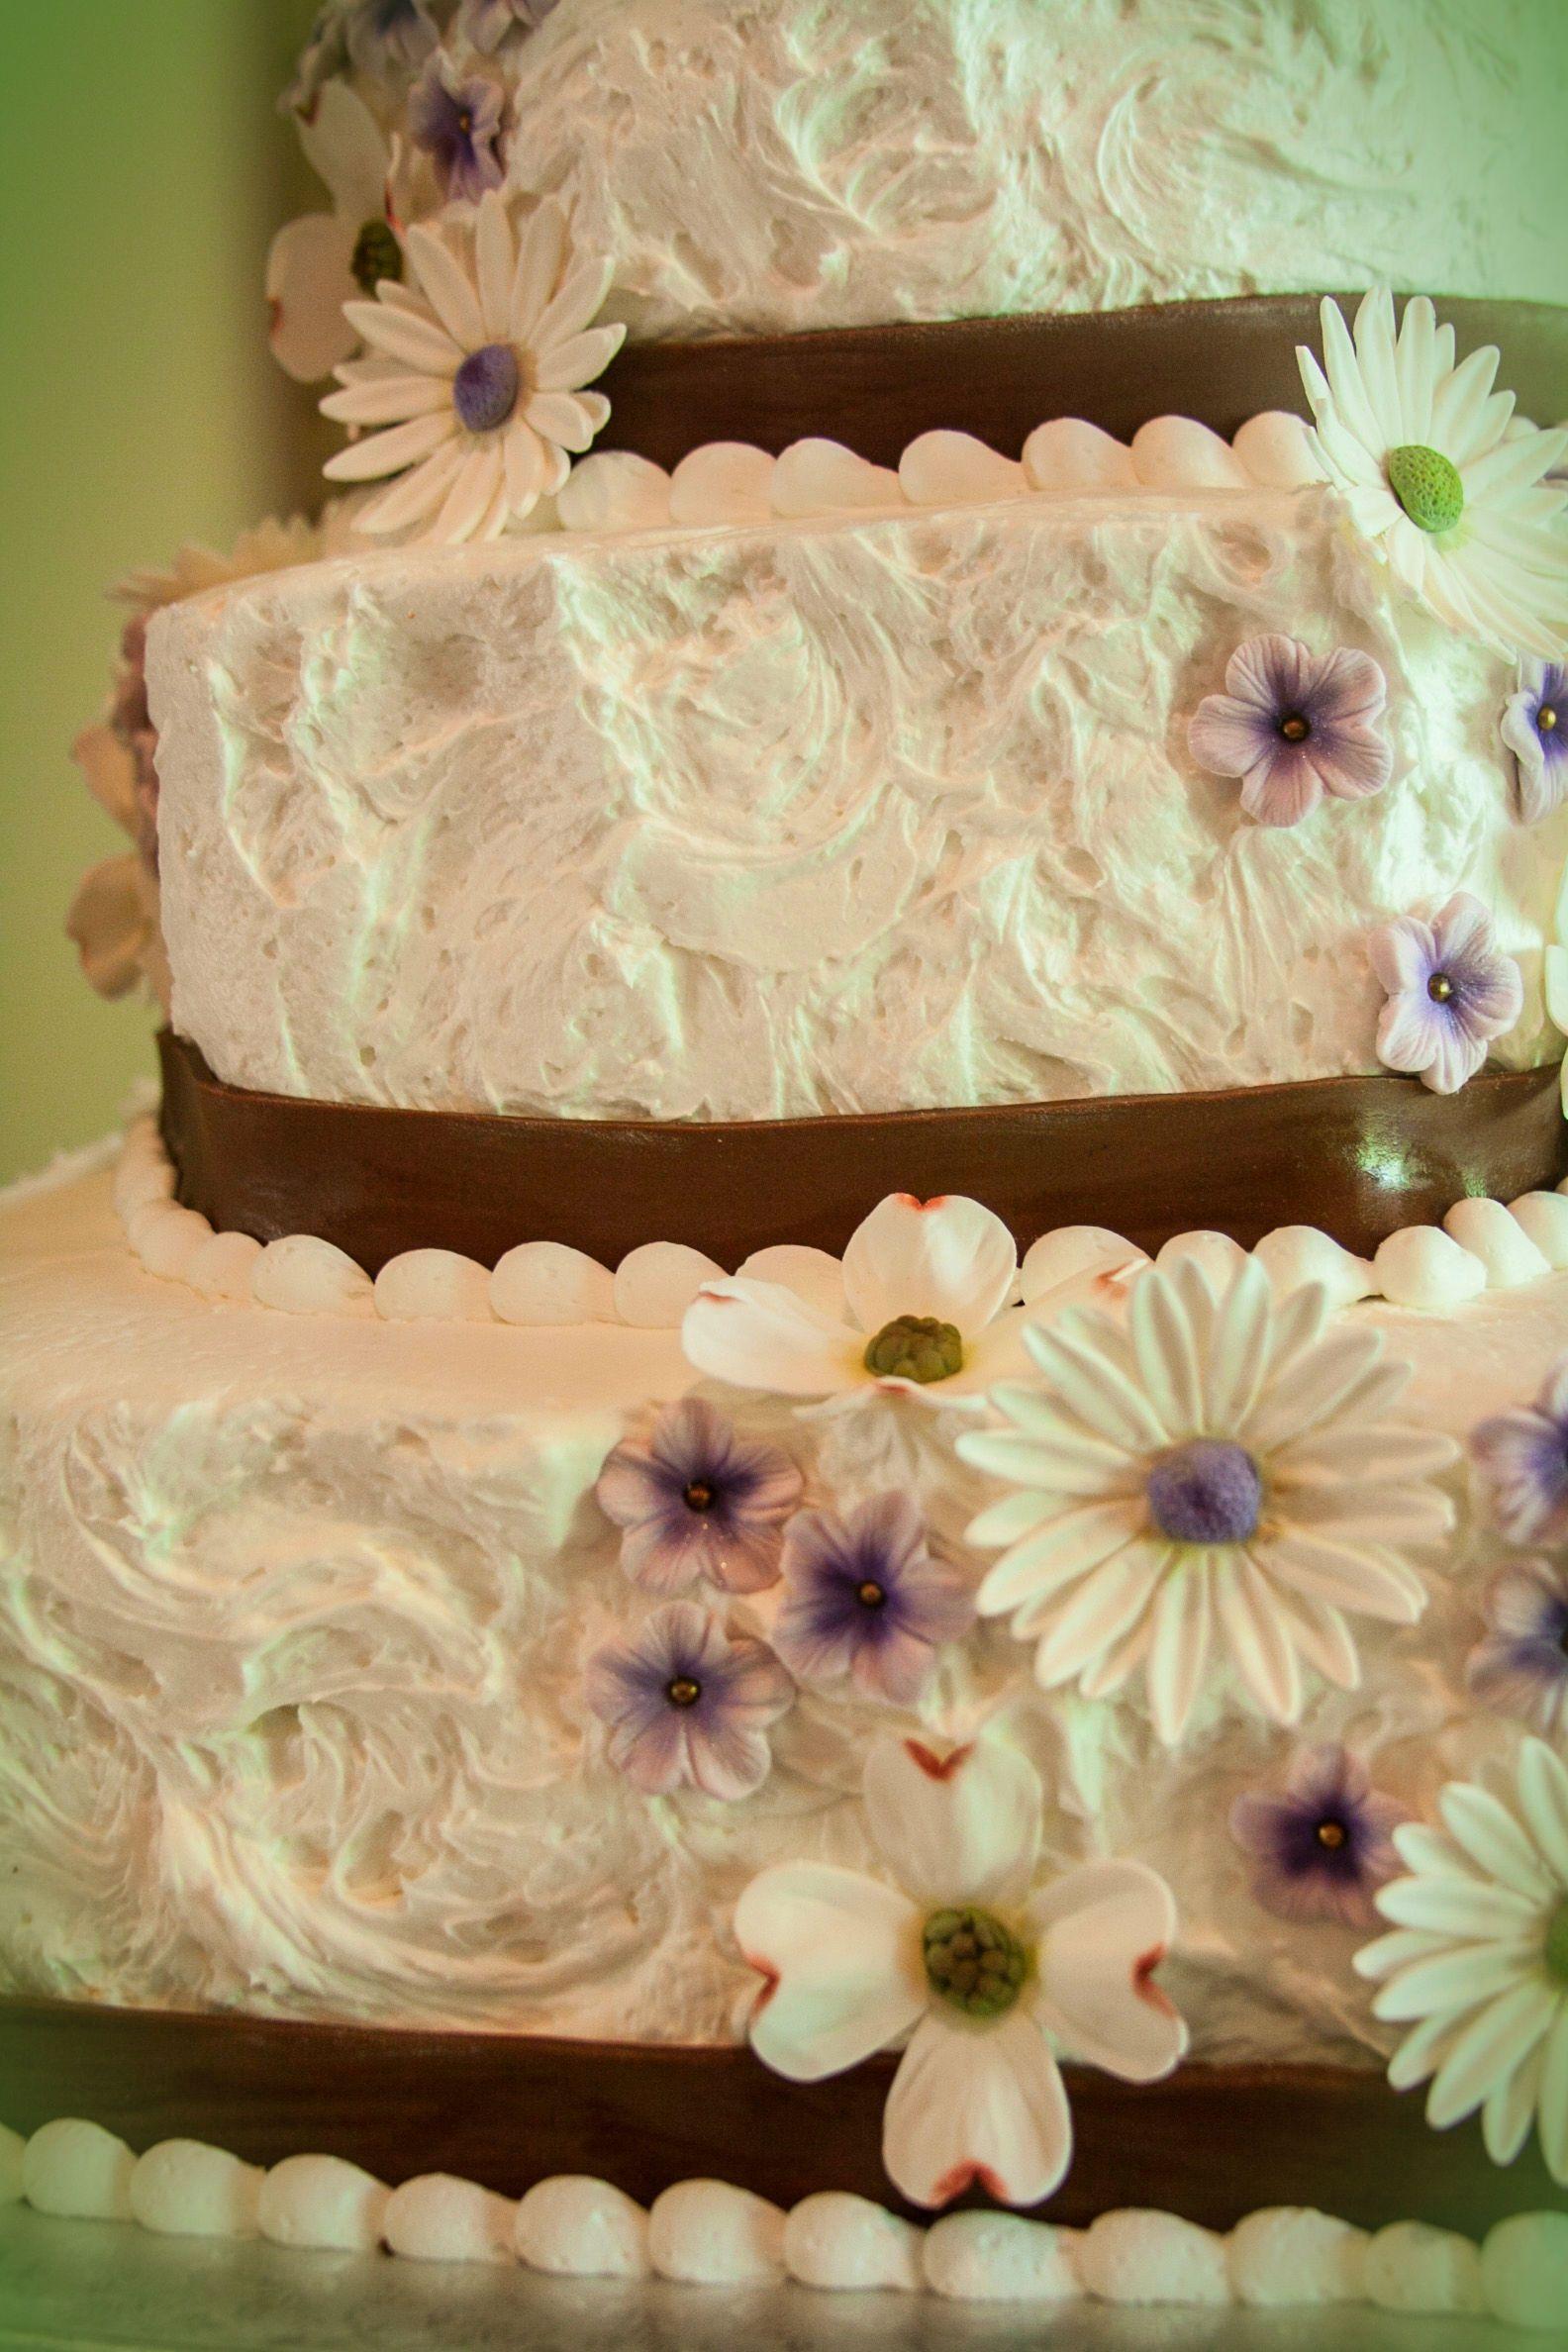 By Patty Cakes Bakery Clayton GA Bakery cakes, Cake, Bakery